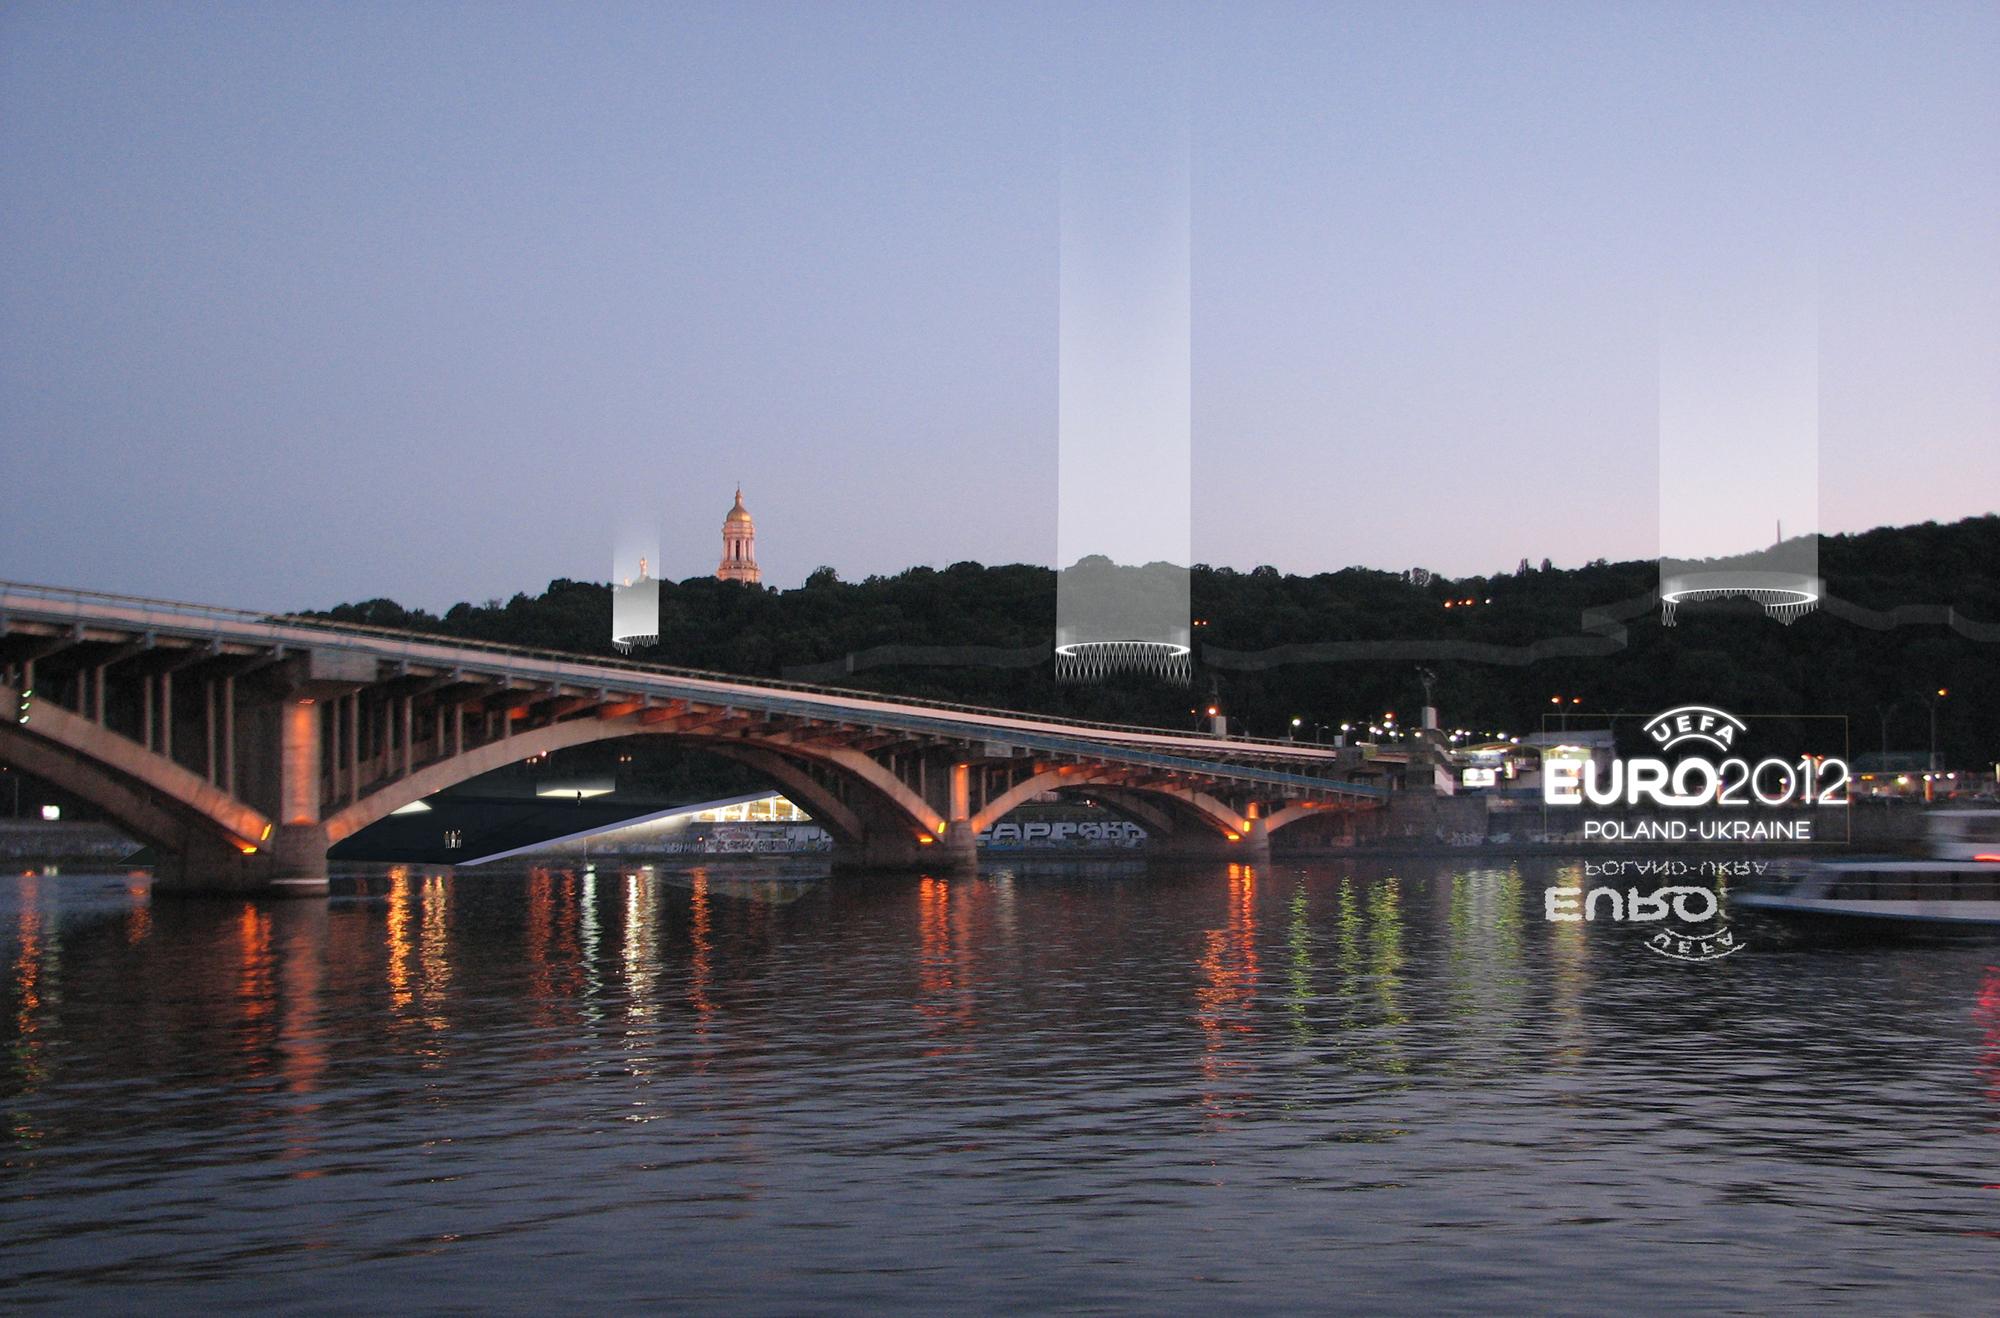 Nocturna - A kör alakú hidak a város új jelképei lehetnek